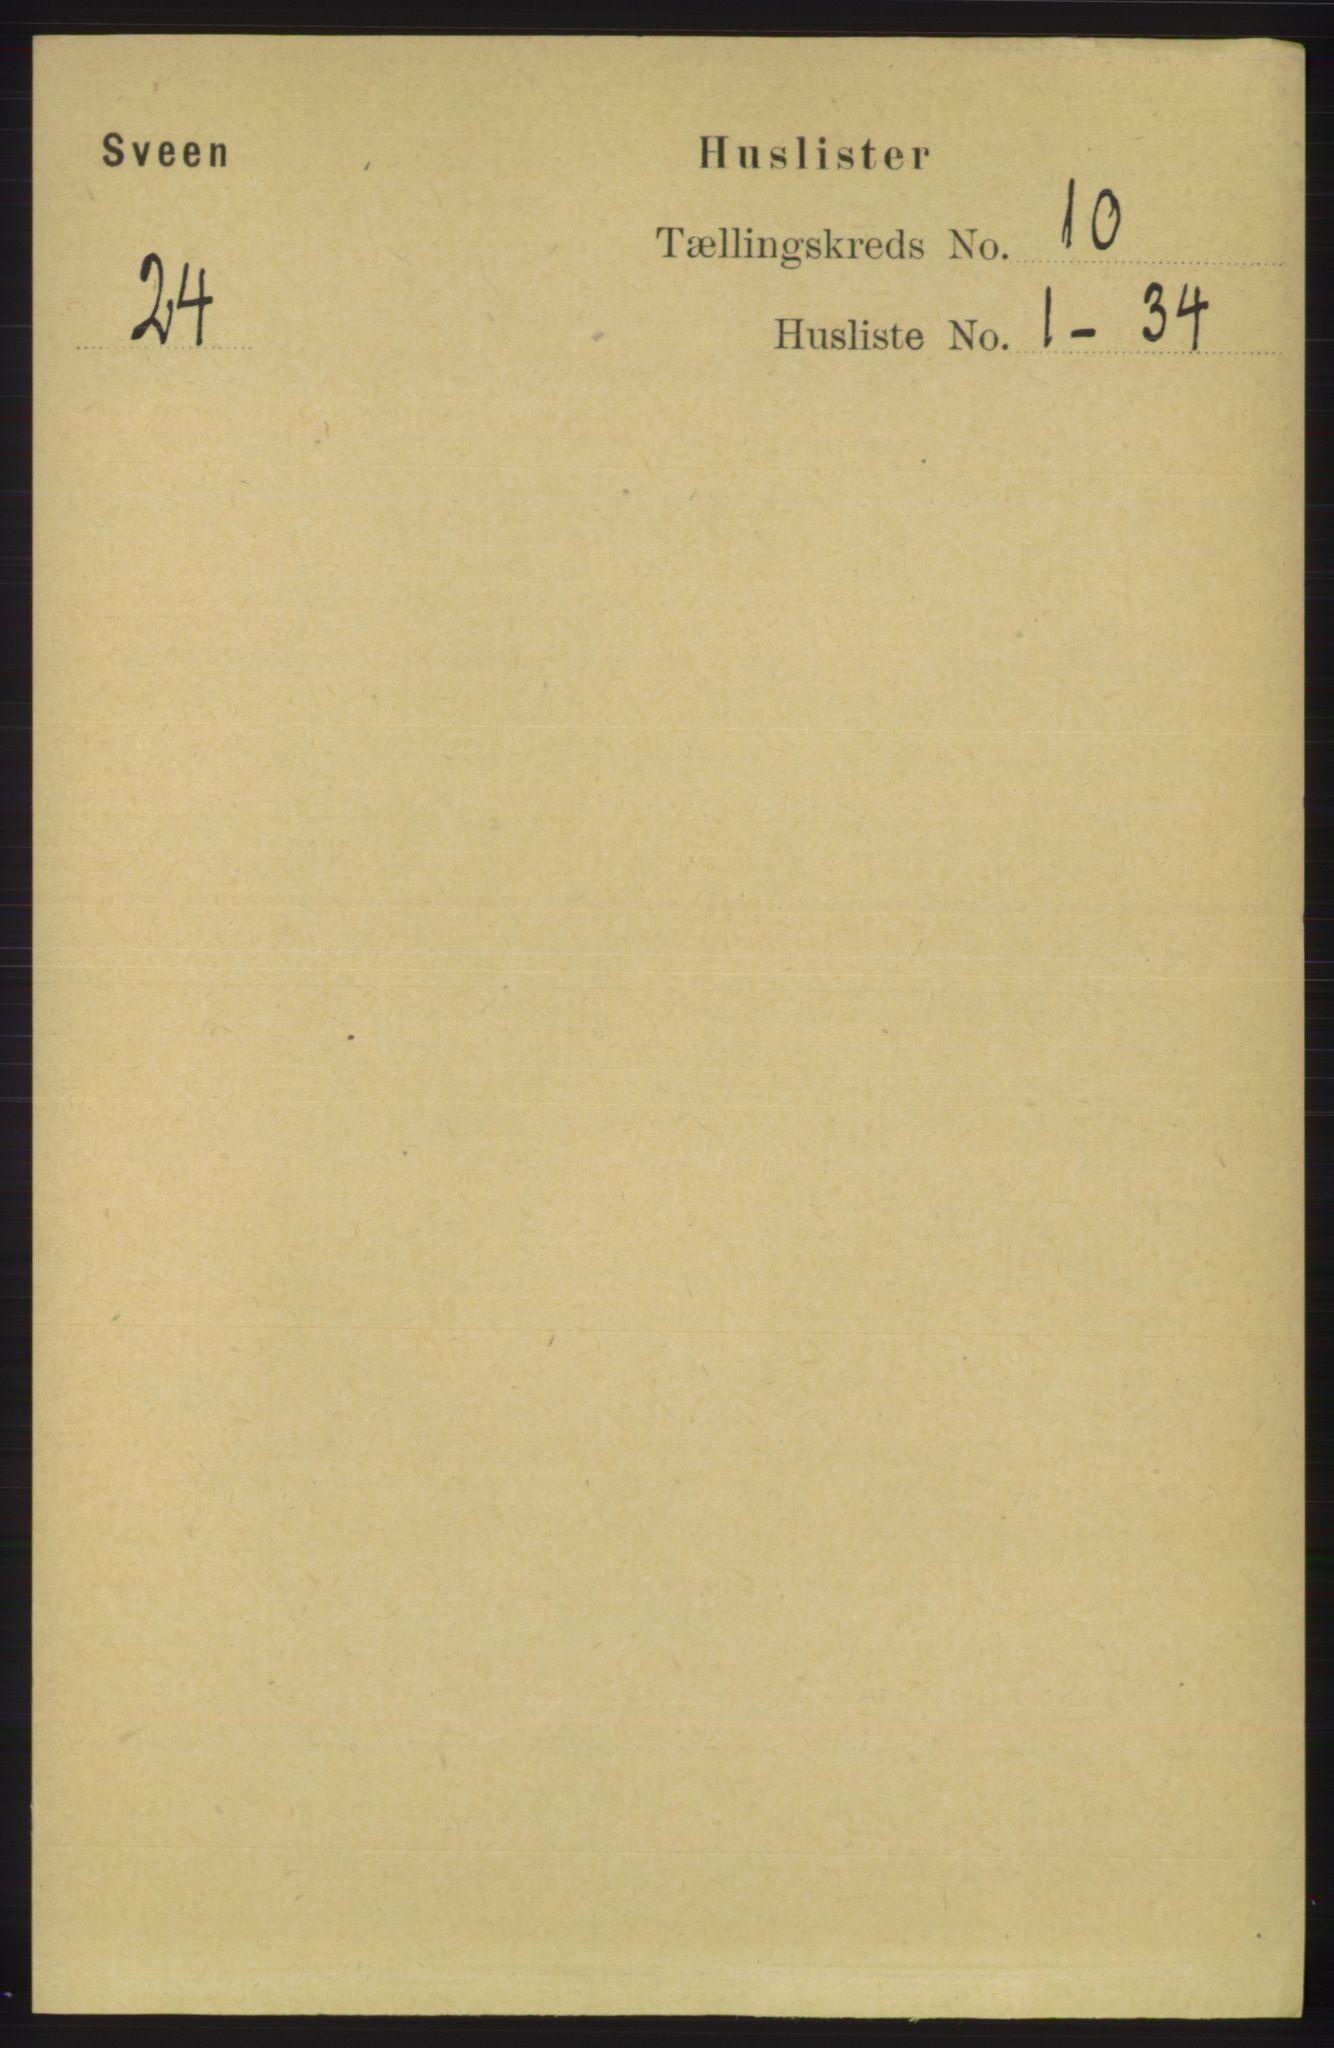 RA, Folketelling 1891 for 1216 Sveio herred, 1891, s. 2878